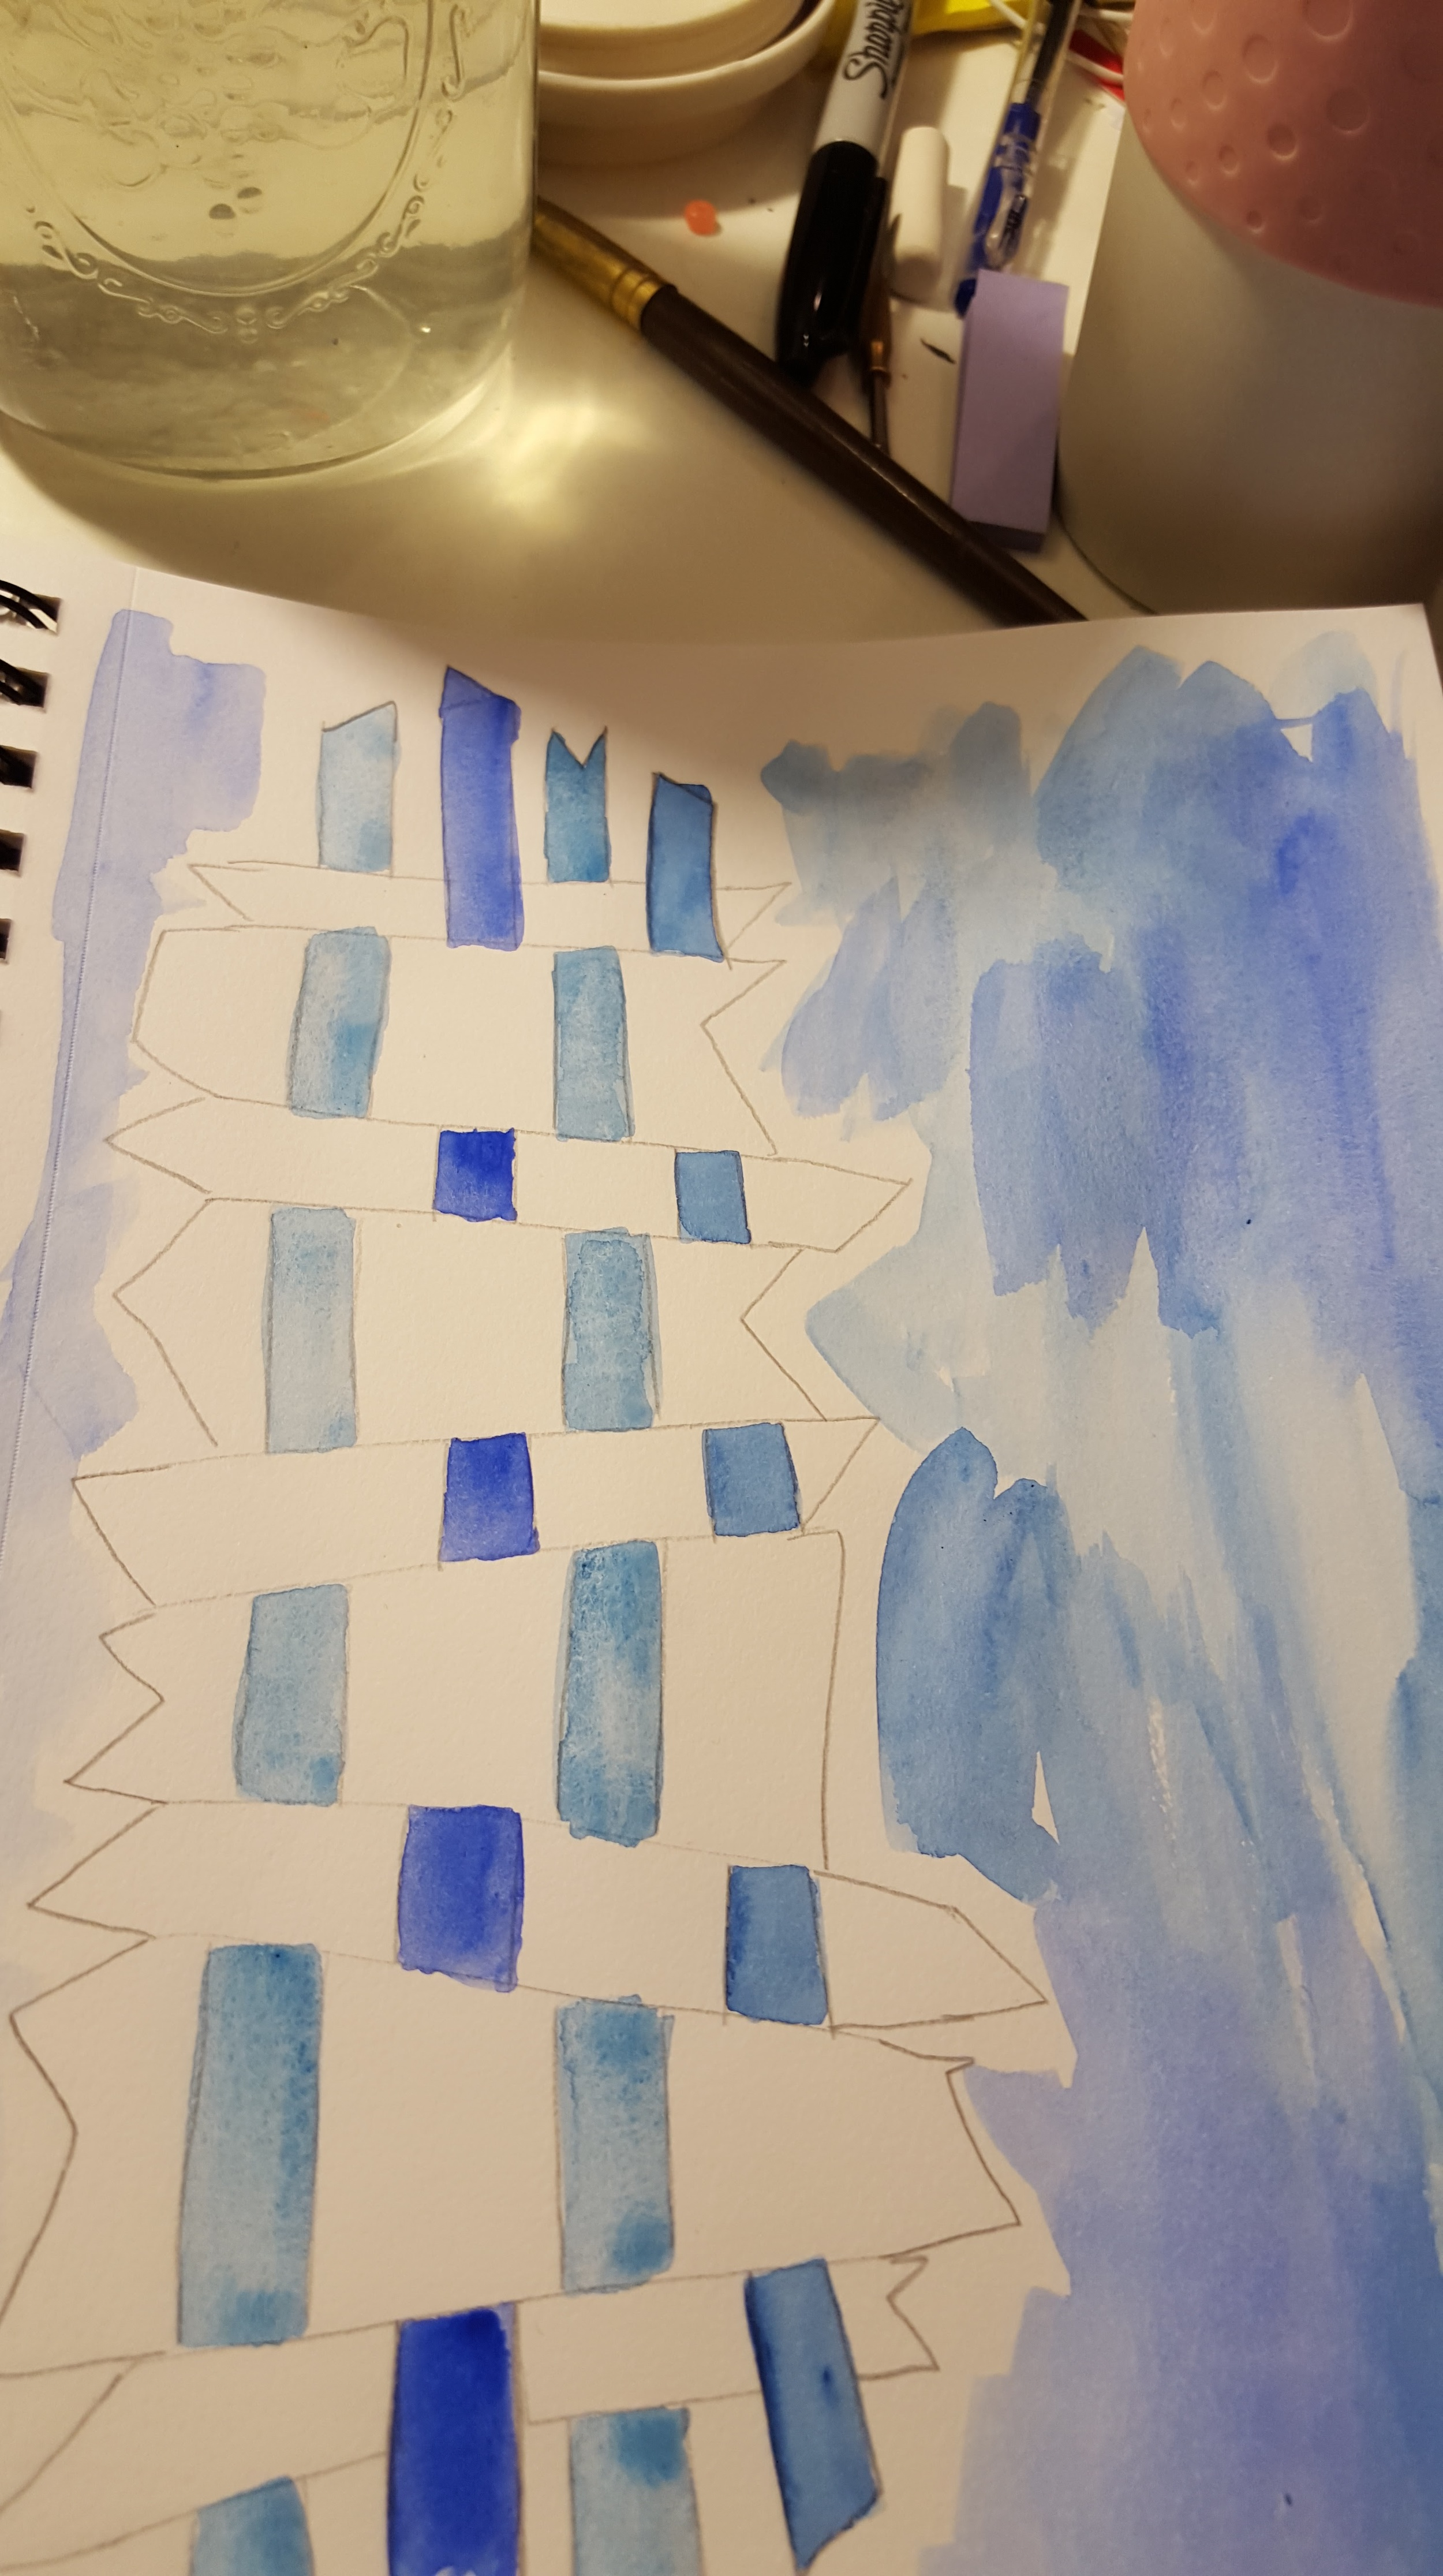 weavving blue paint